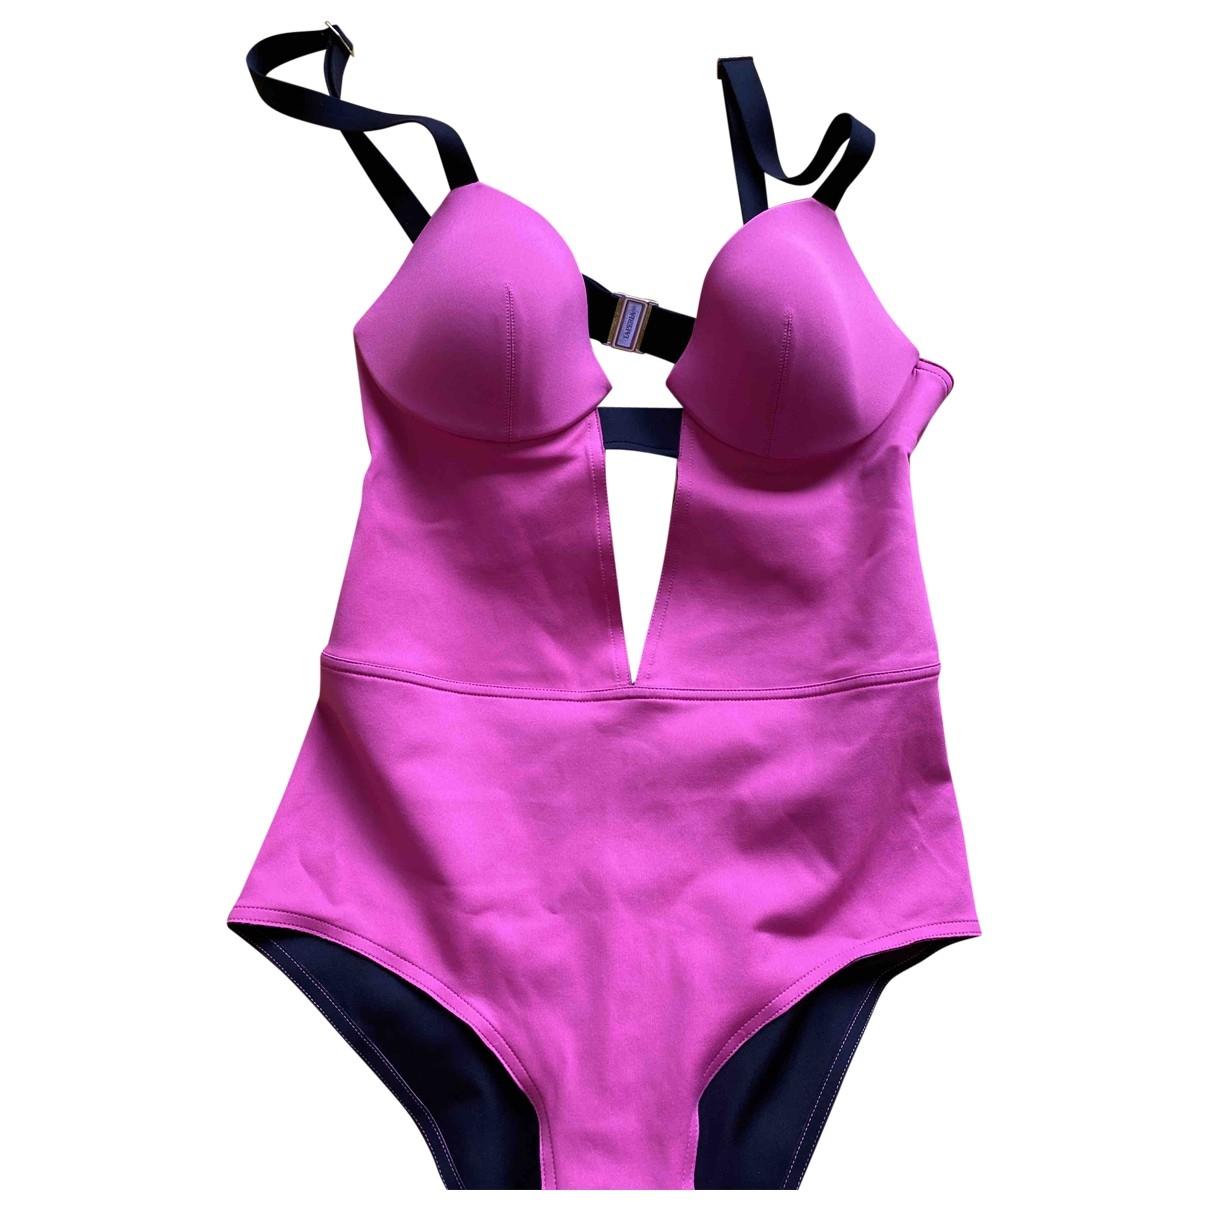 La Perla - Bain   pour femme en lycra - rose